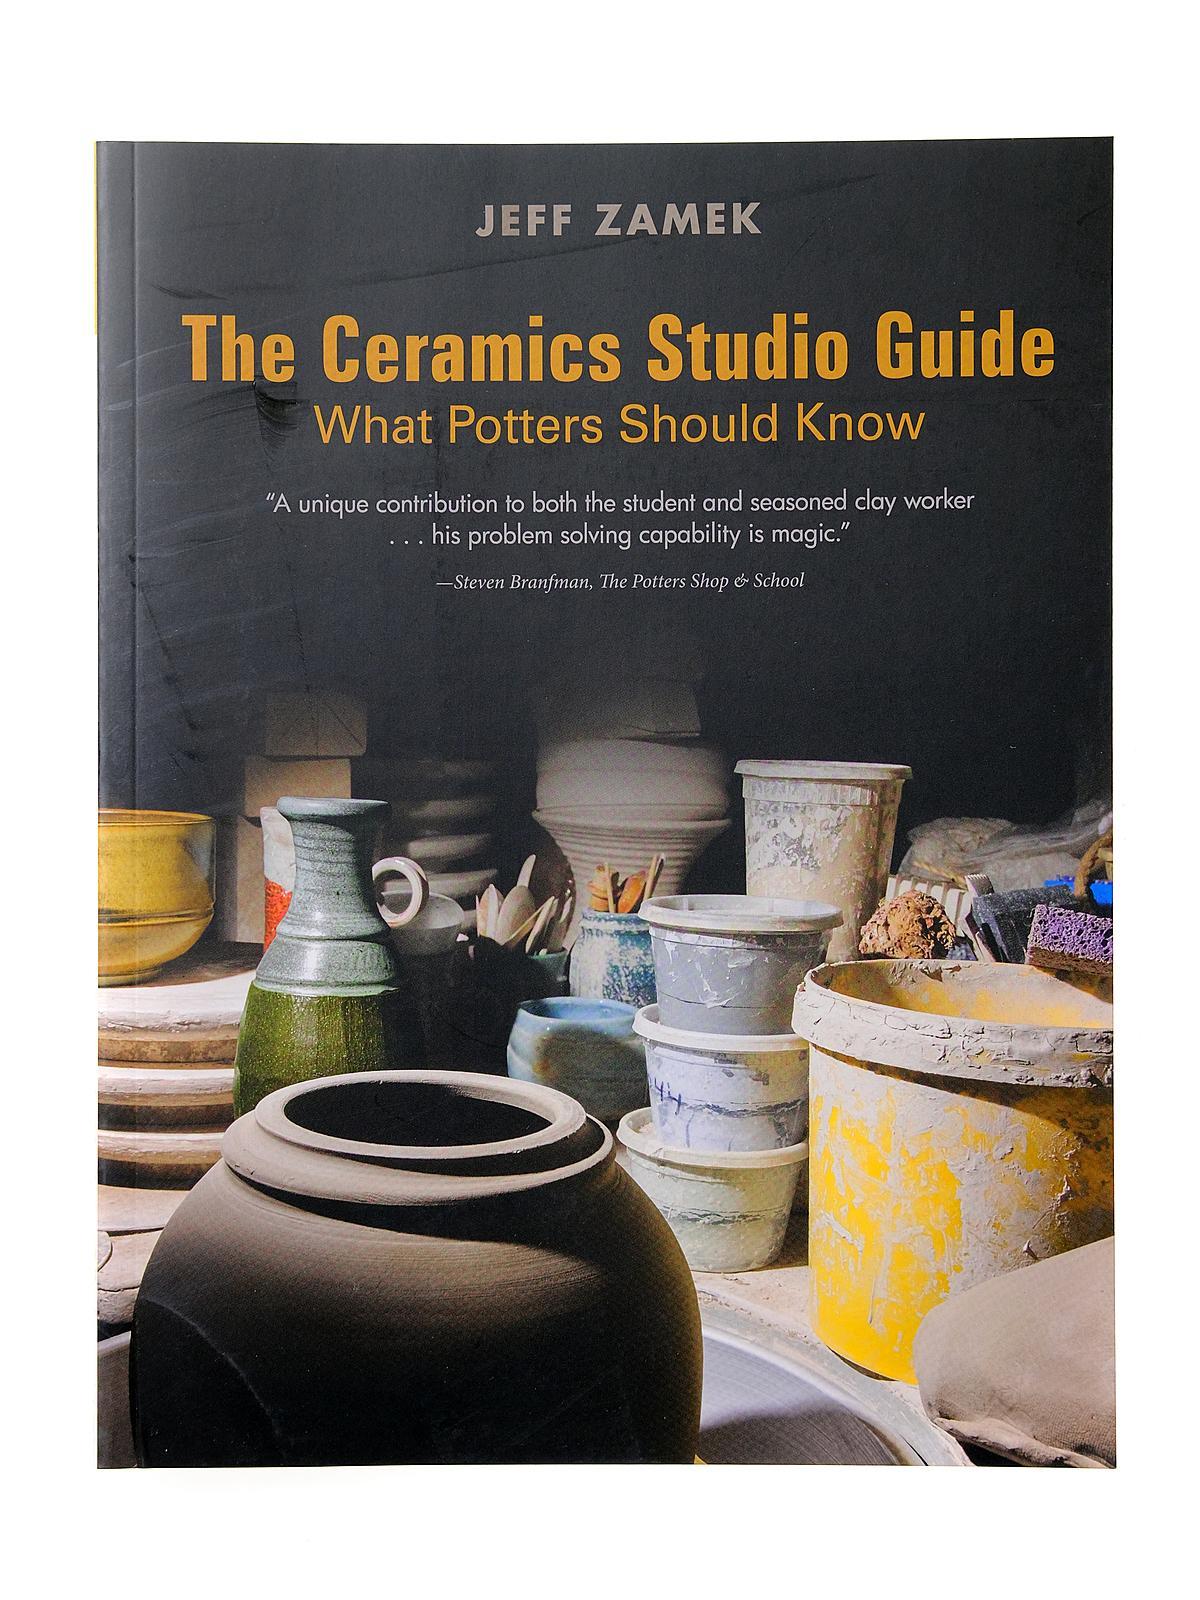 The Ceramic Studio Guide